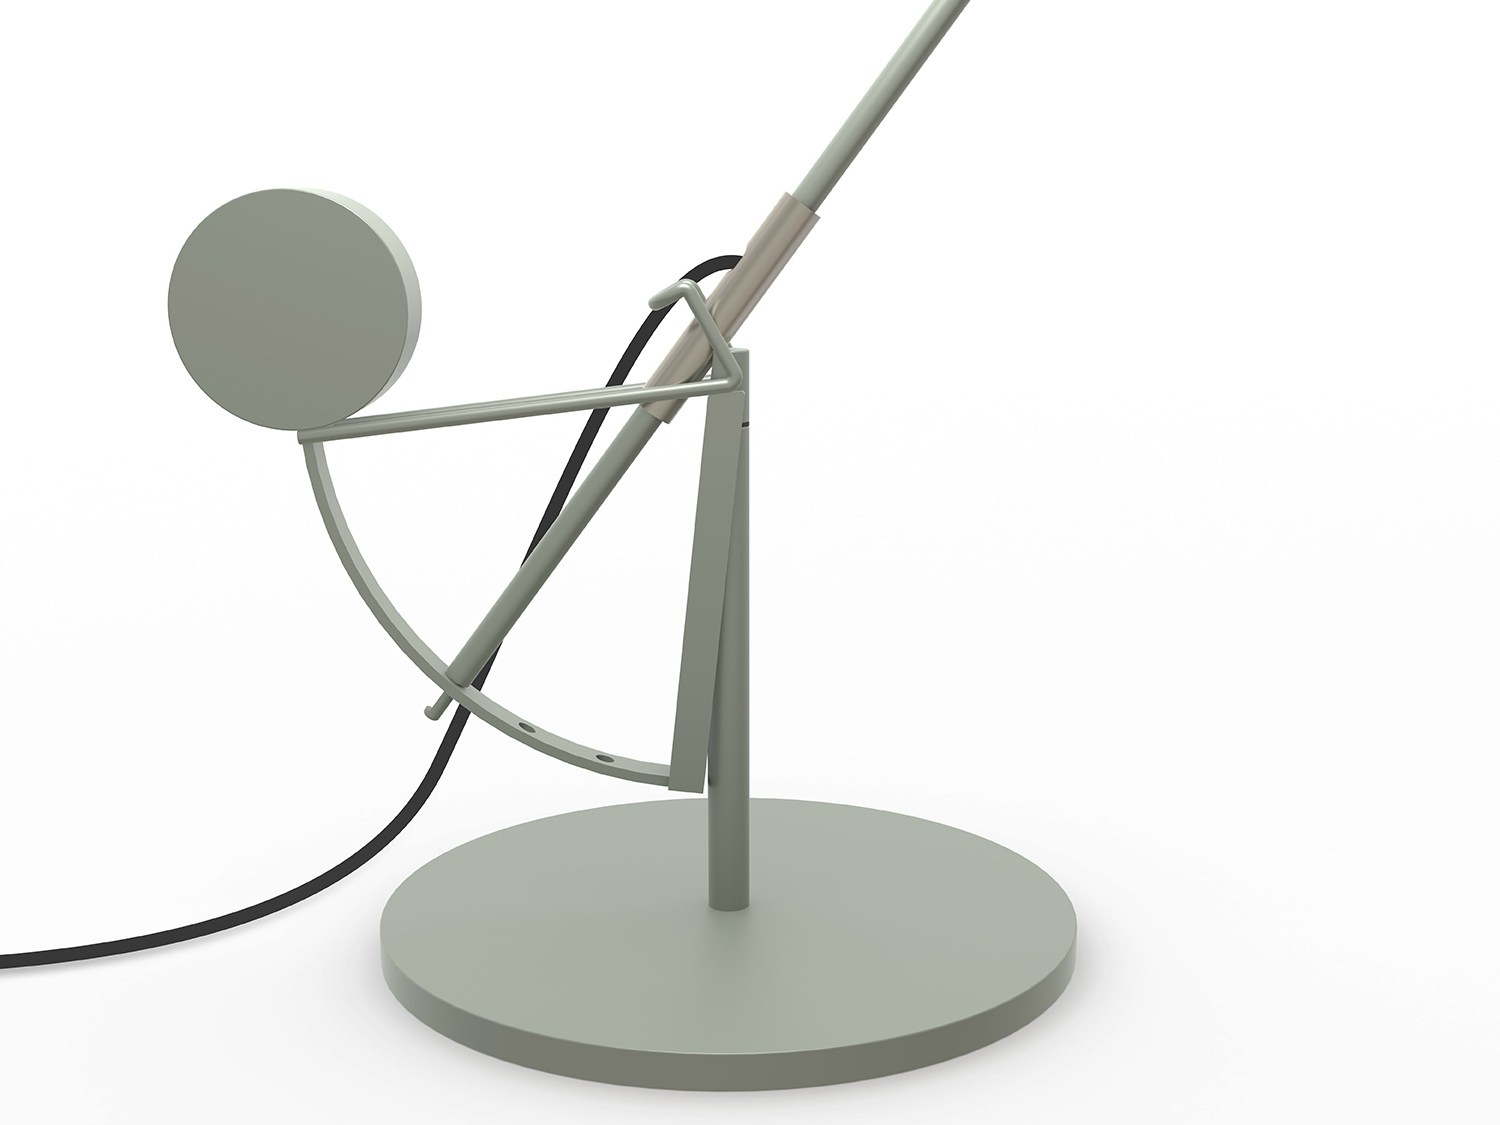 tischleuchte mit beweglichem arm bs3 by dcw ditions design bernard schottlander. Black Bedroom Furniture Sets. Home Design Ideas